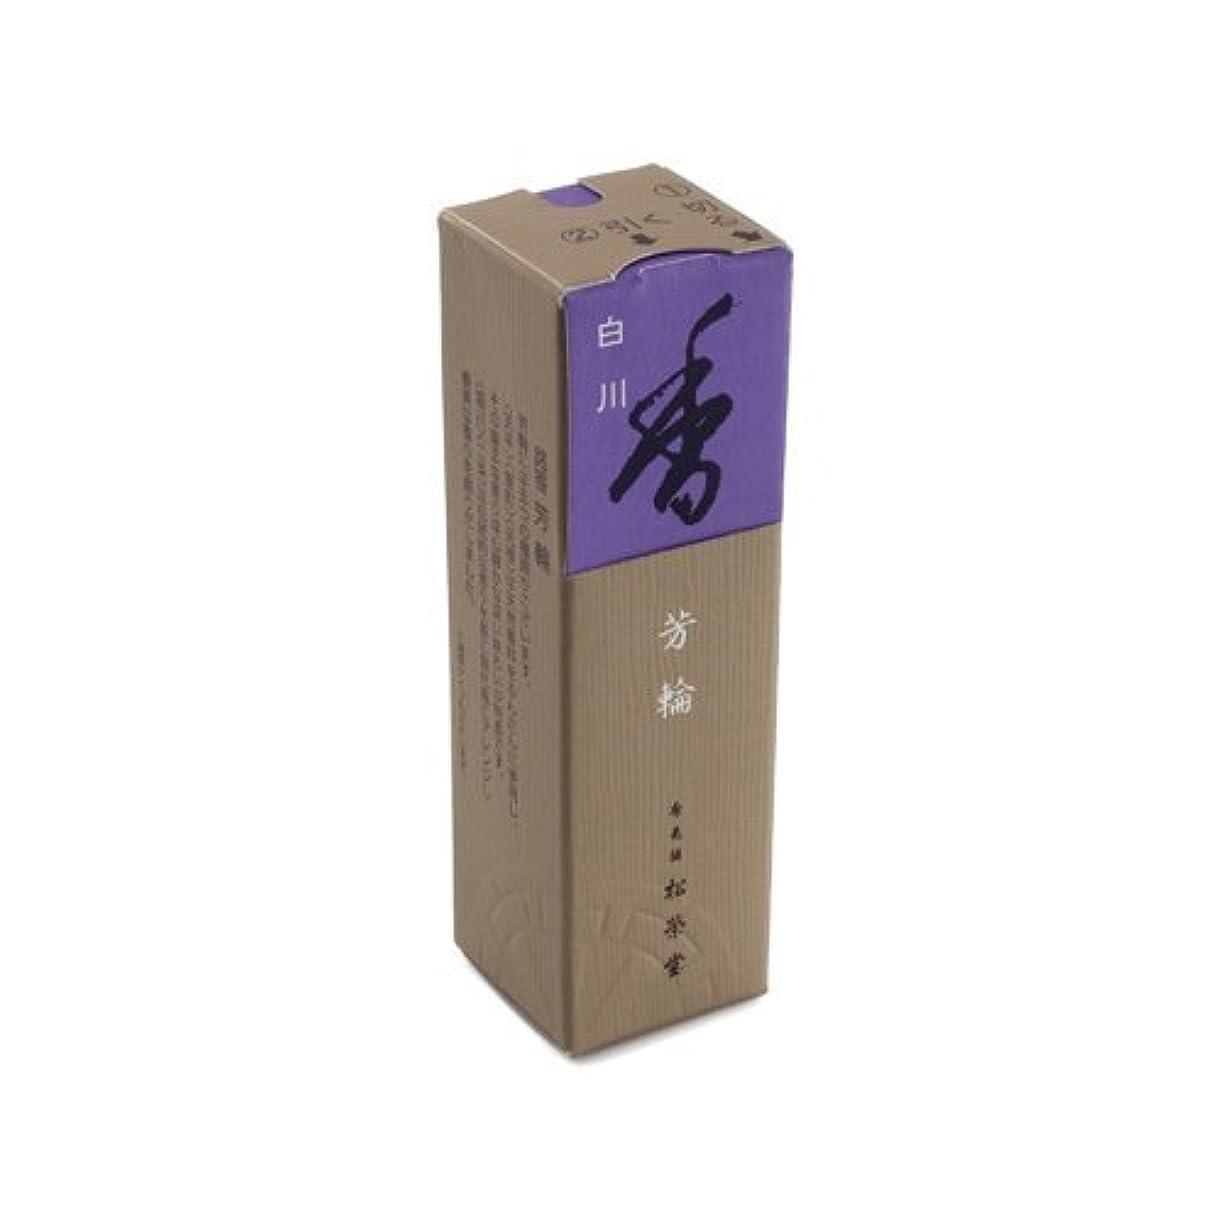 戦士うなずく敏感なShoyeido - Horin Incense Sticks White River - 20 Stick(s) by Shoyeido